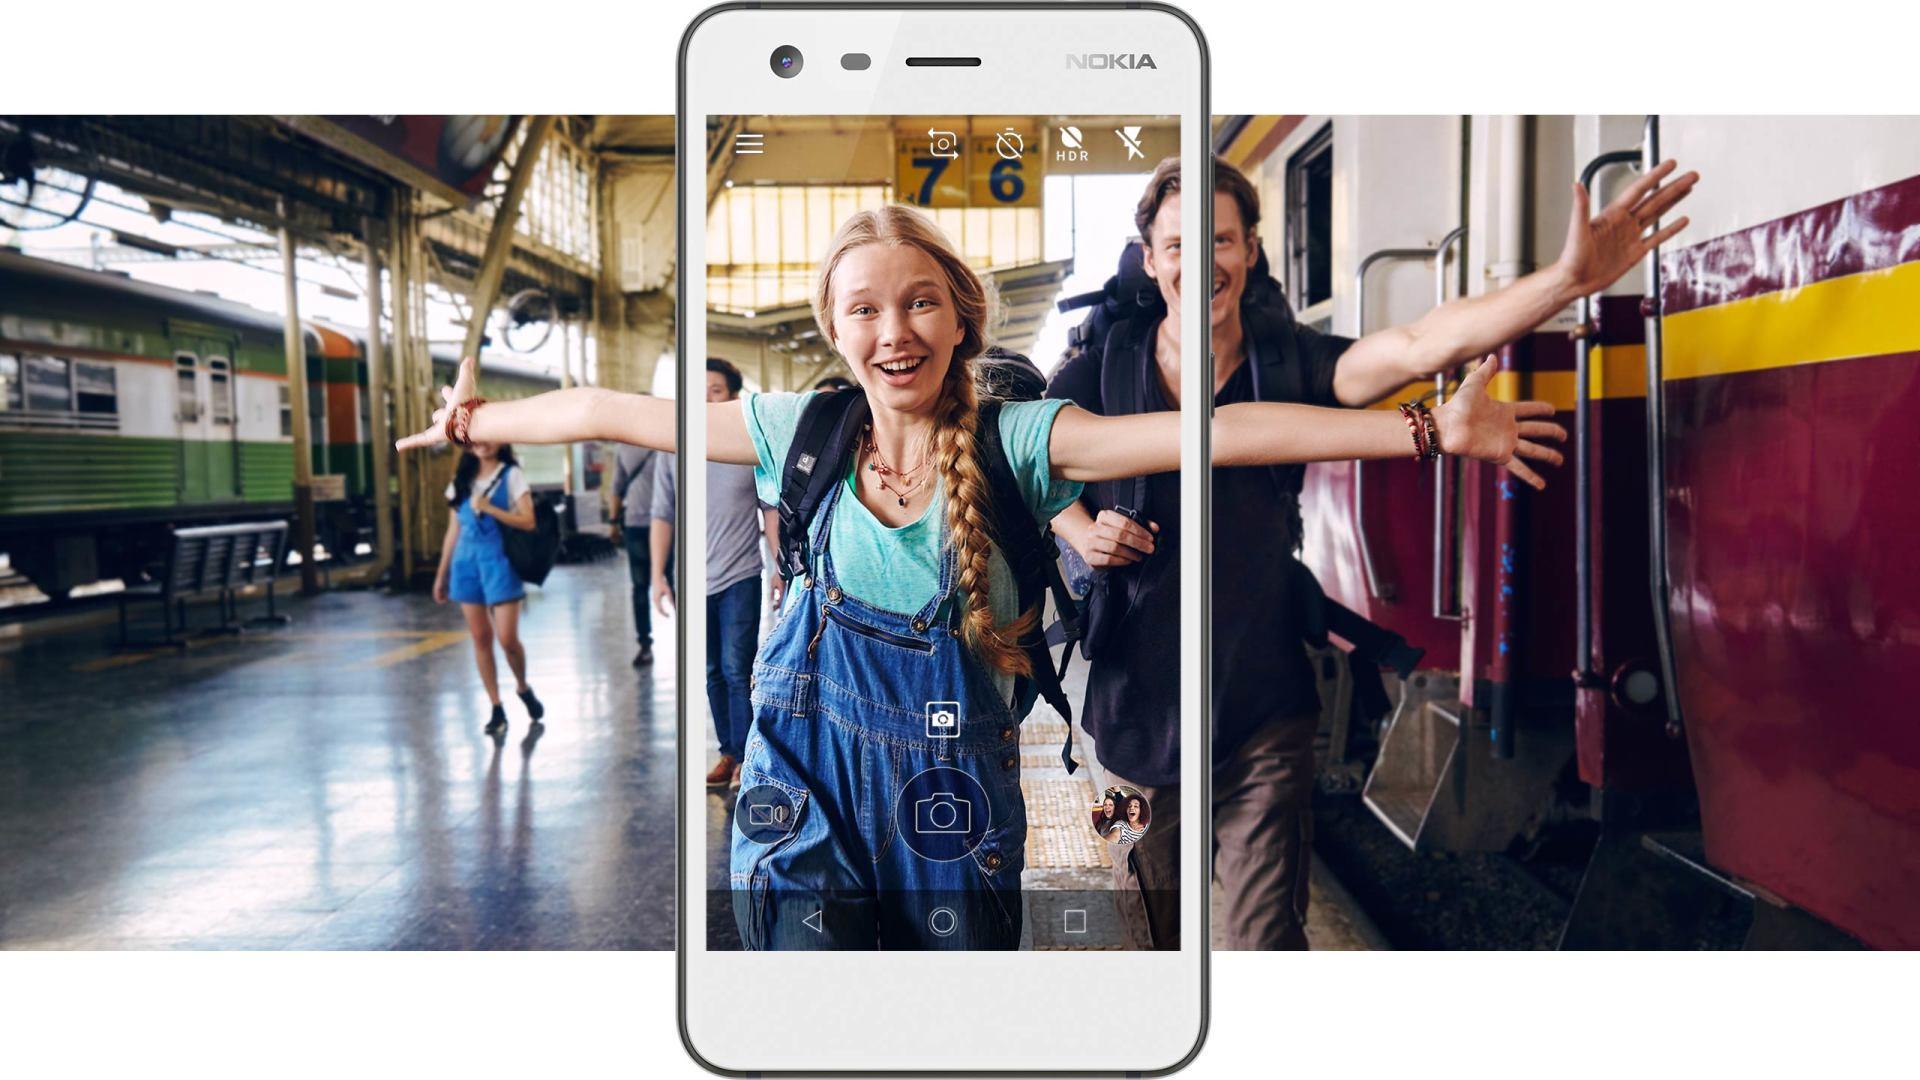 Nikt nie dba o budżetowe smartfony tak, jak Nokia 21